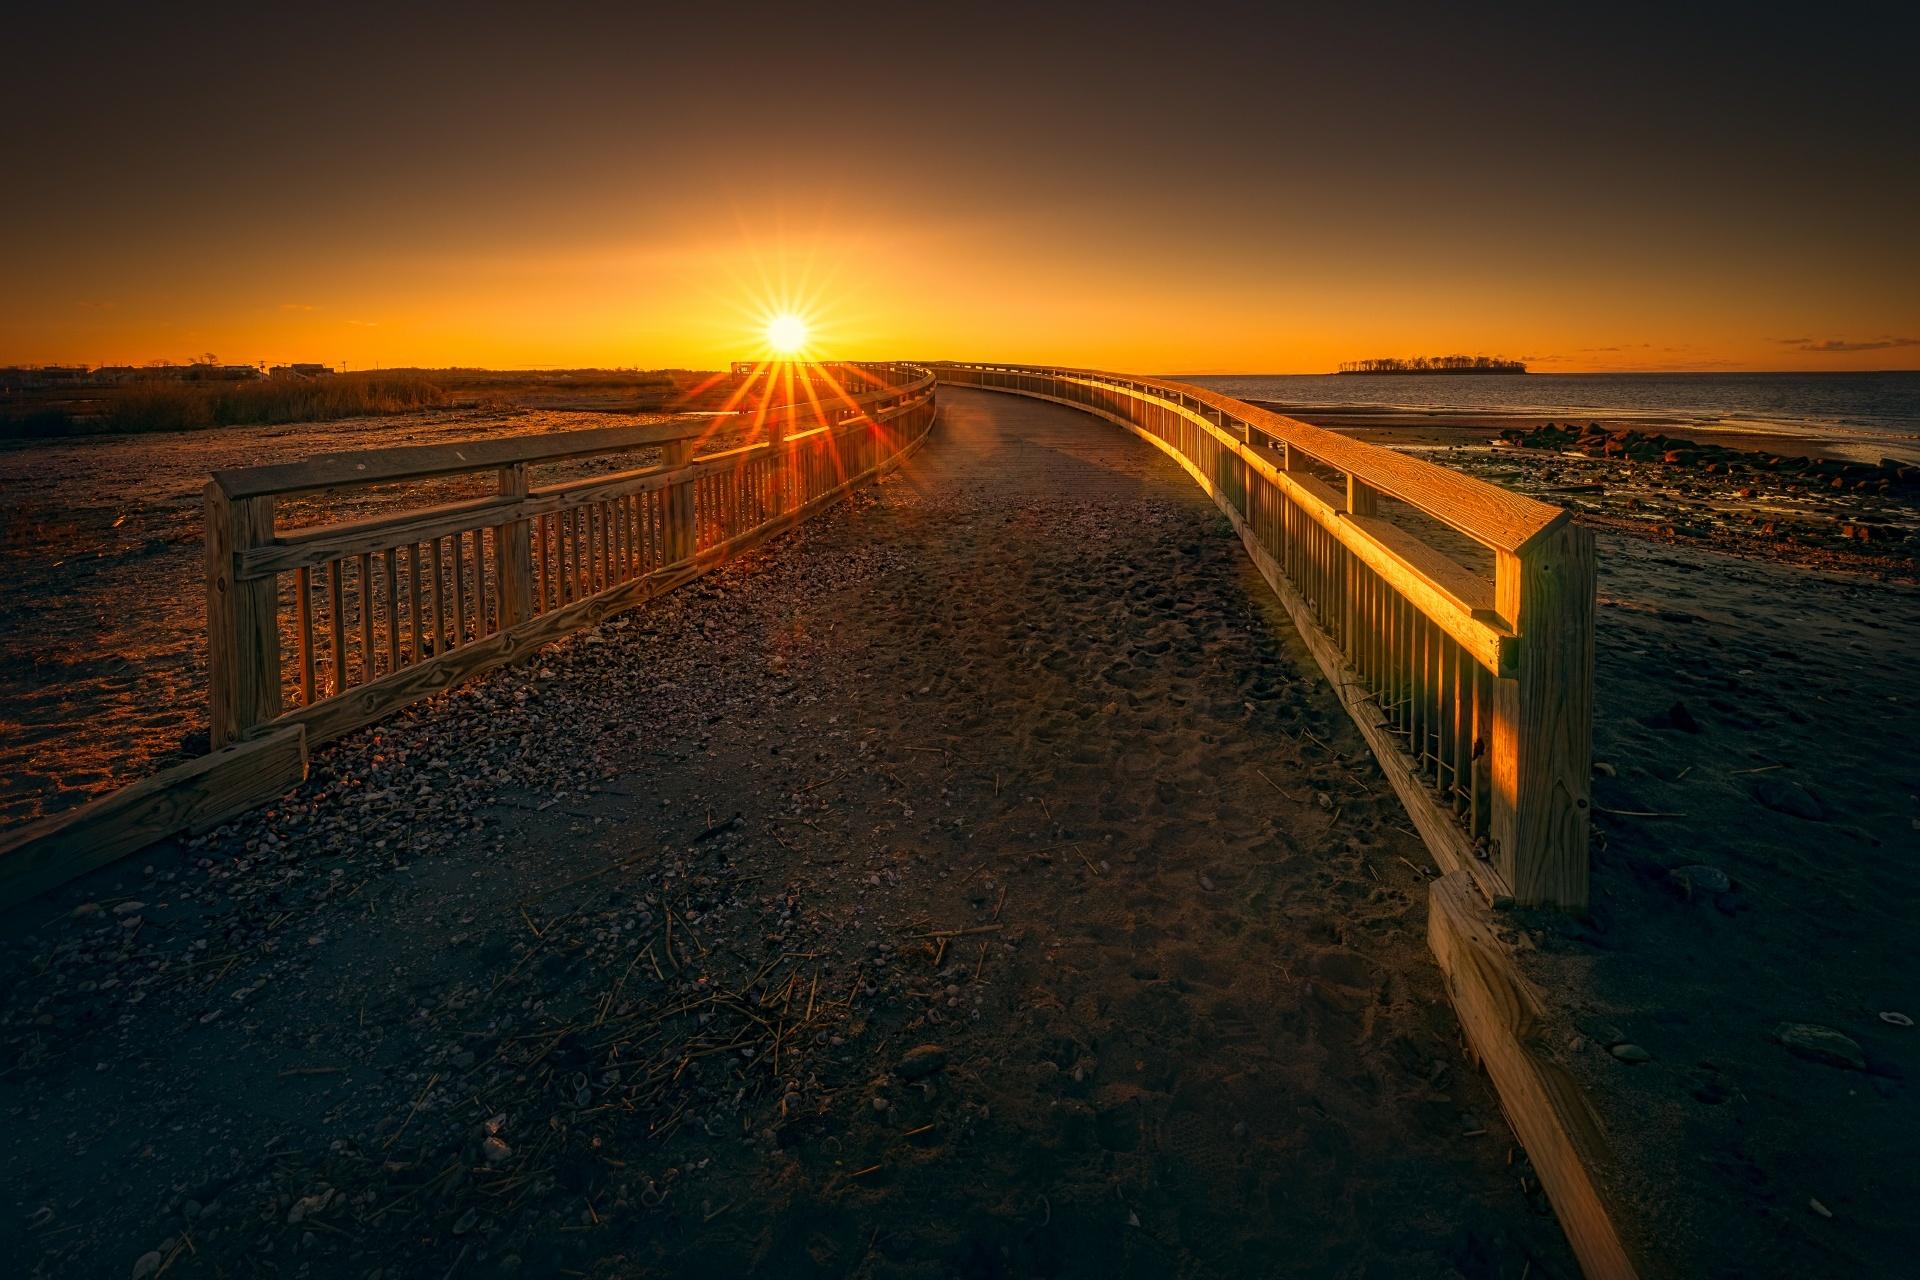 ミルフォード シルバーサンズ州立公園 遊歩道沿いの日の出の風景 アメリカの風景